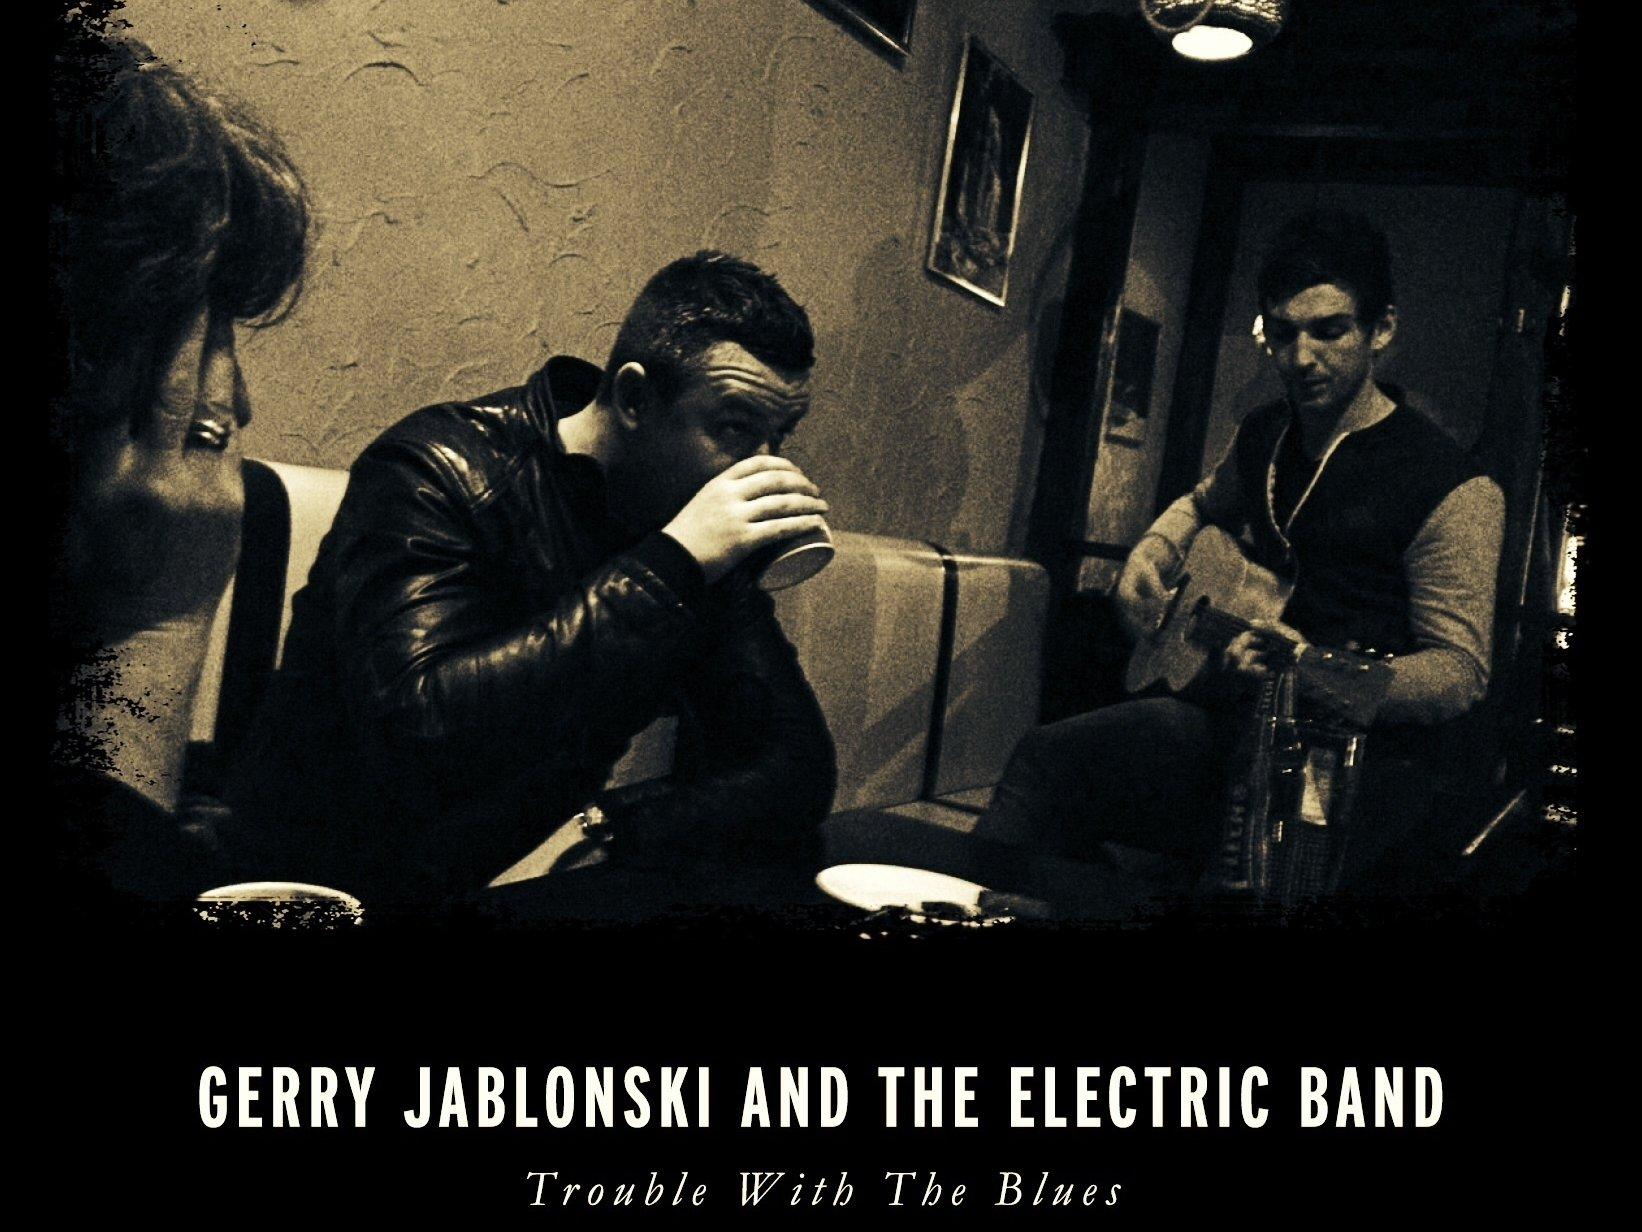 Image for Gerry Jablonski Band